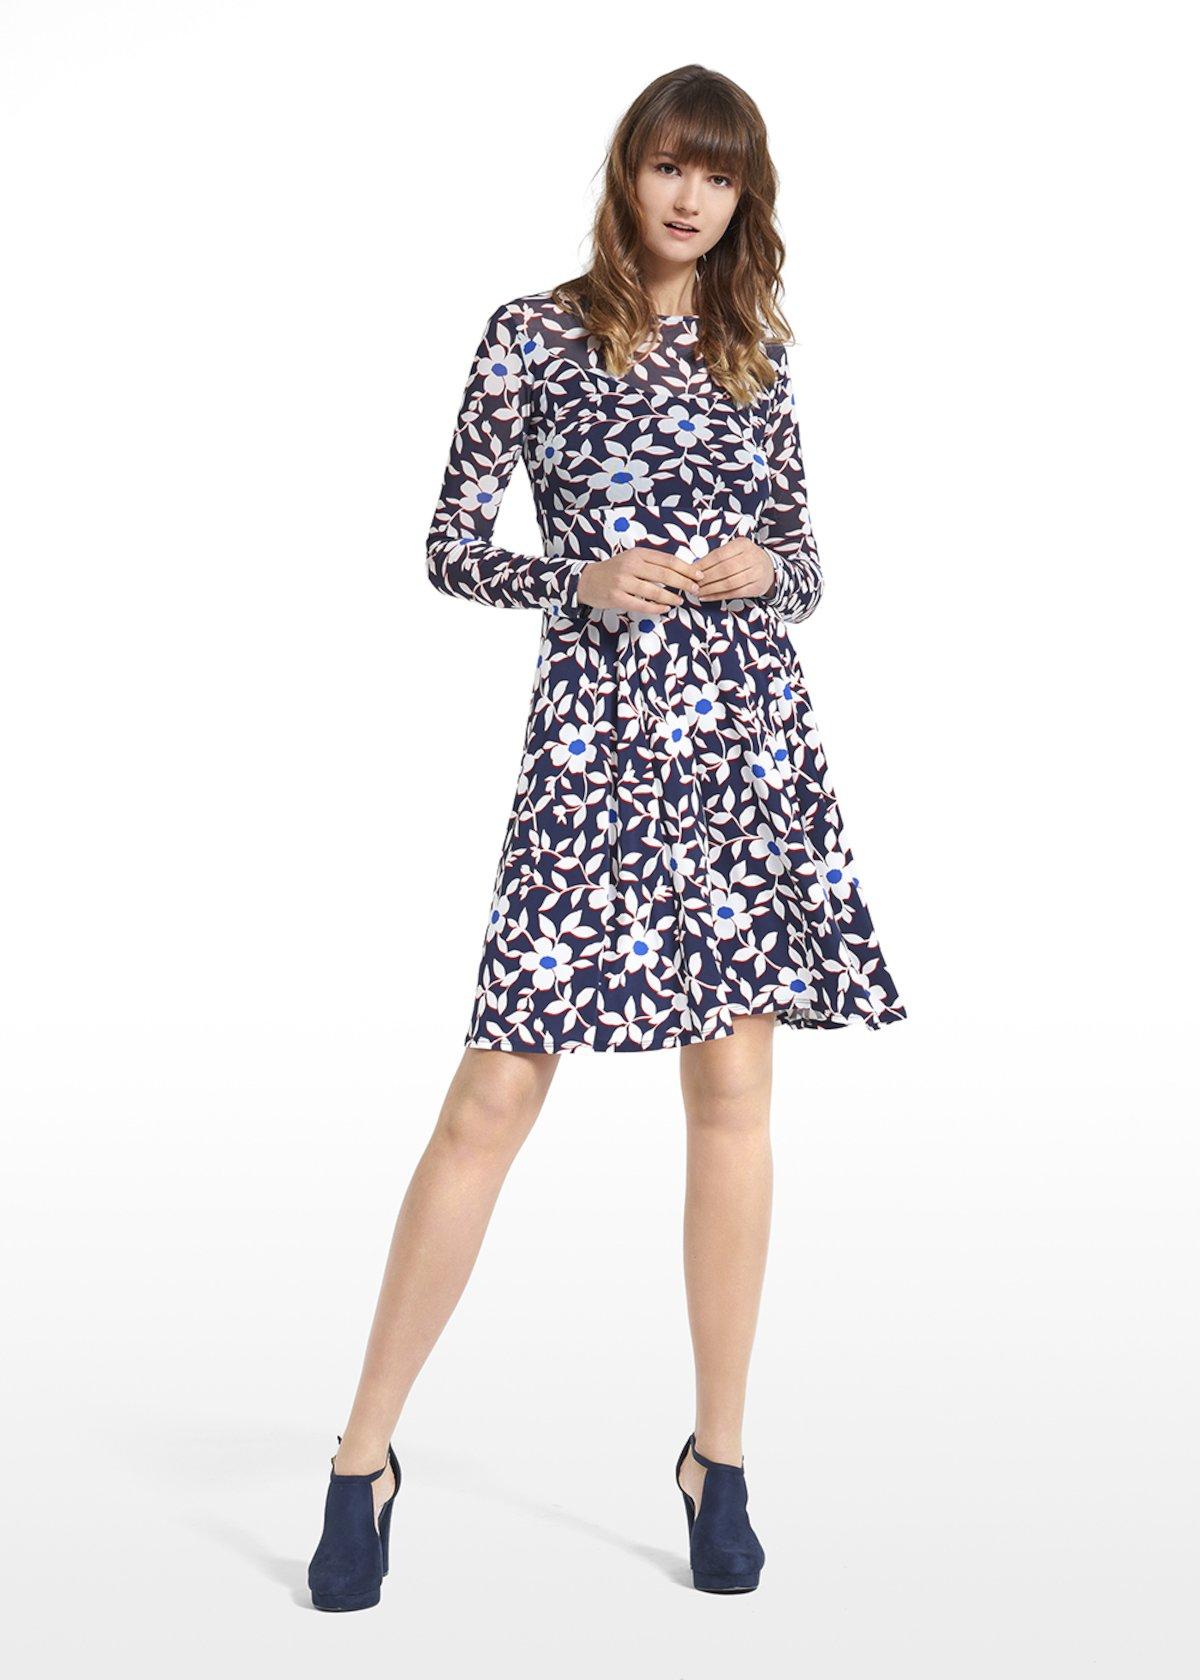 Patterned blue jasmine dress Adele - Blue / White Fantasia - Woman - Category image